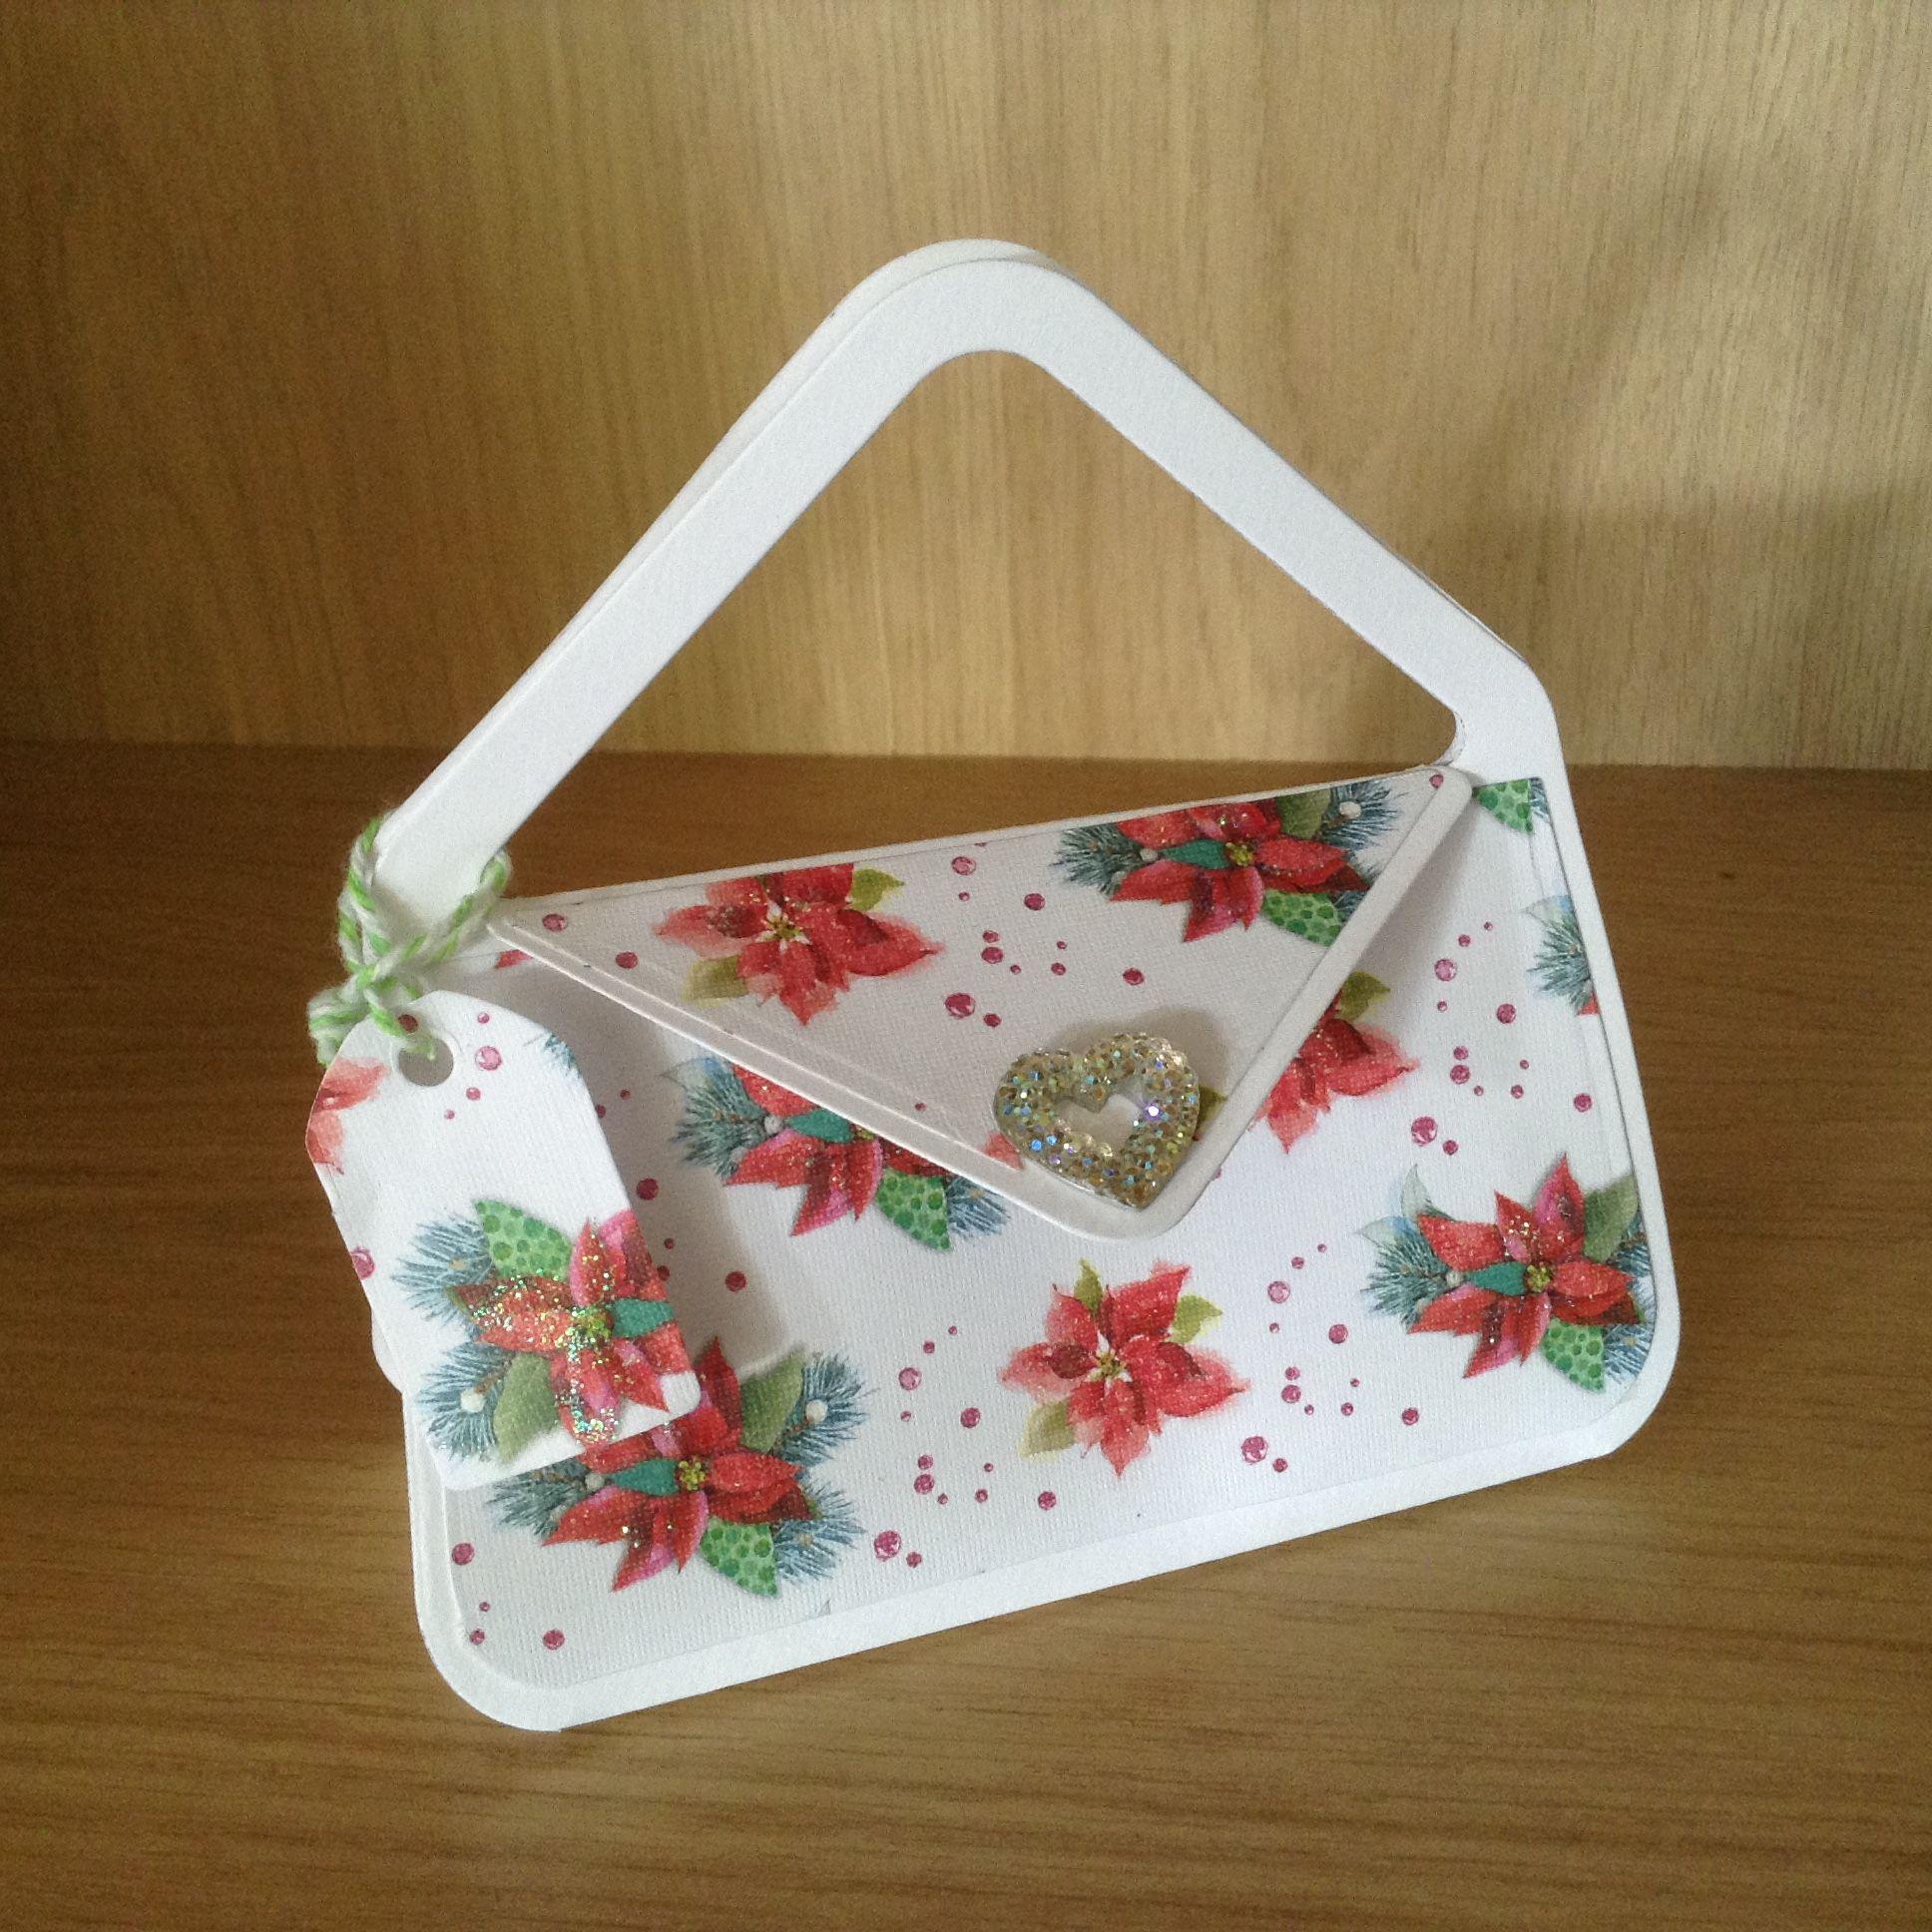 Handmade Christmas Themed Handbag Gift